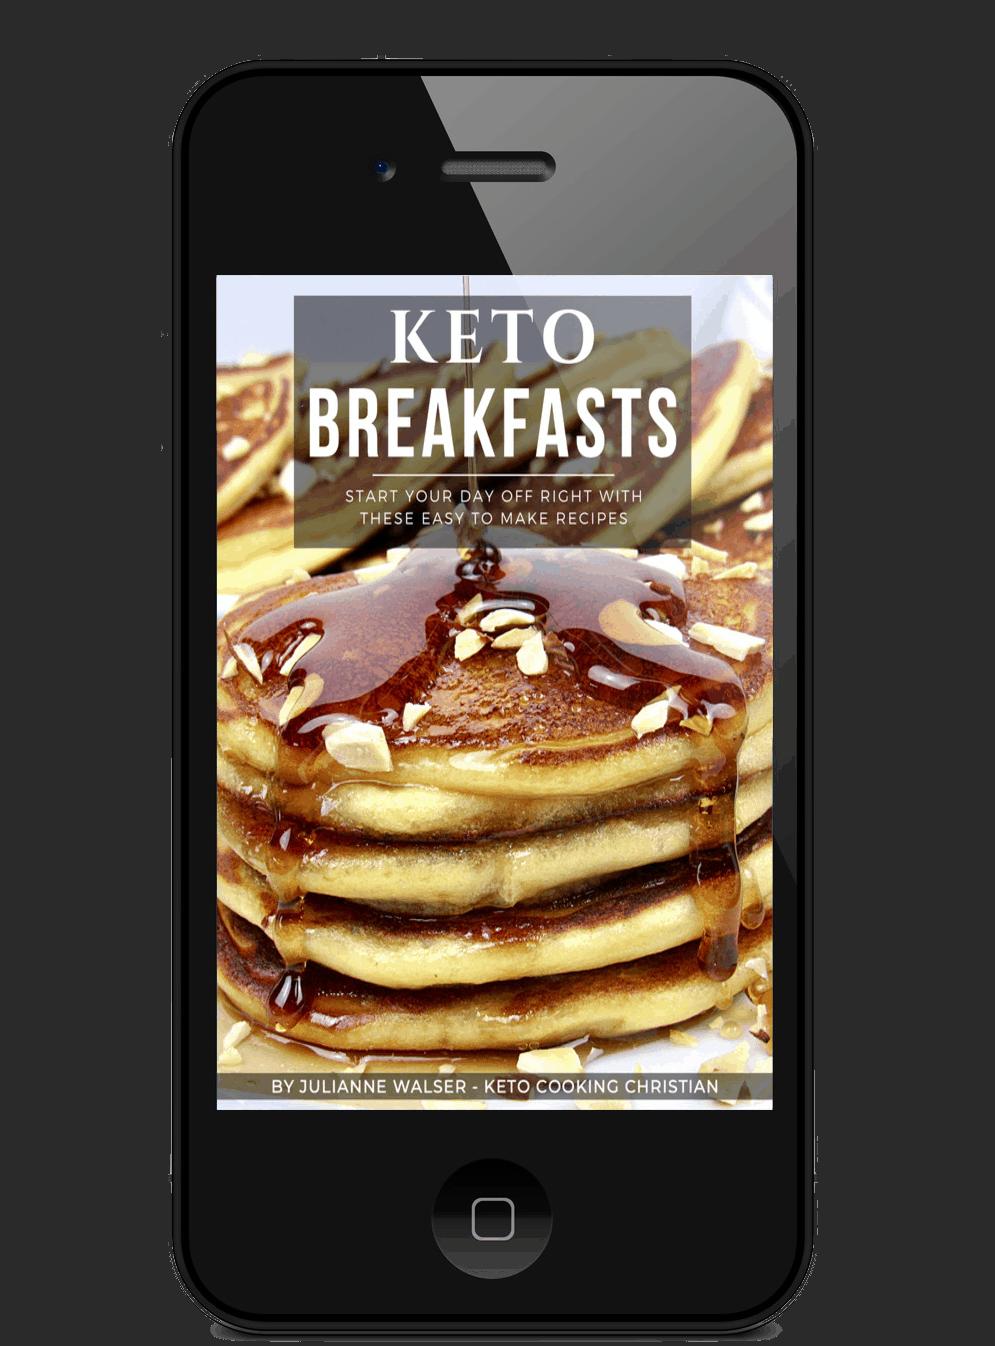 Keto Breakfast eBook on Mobile device